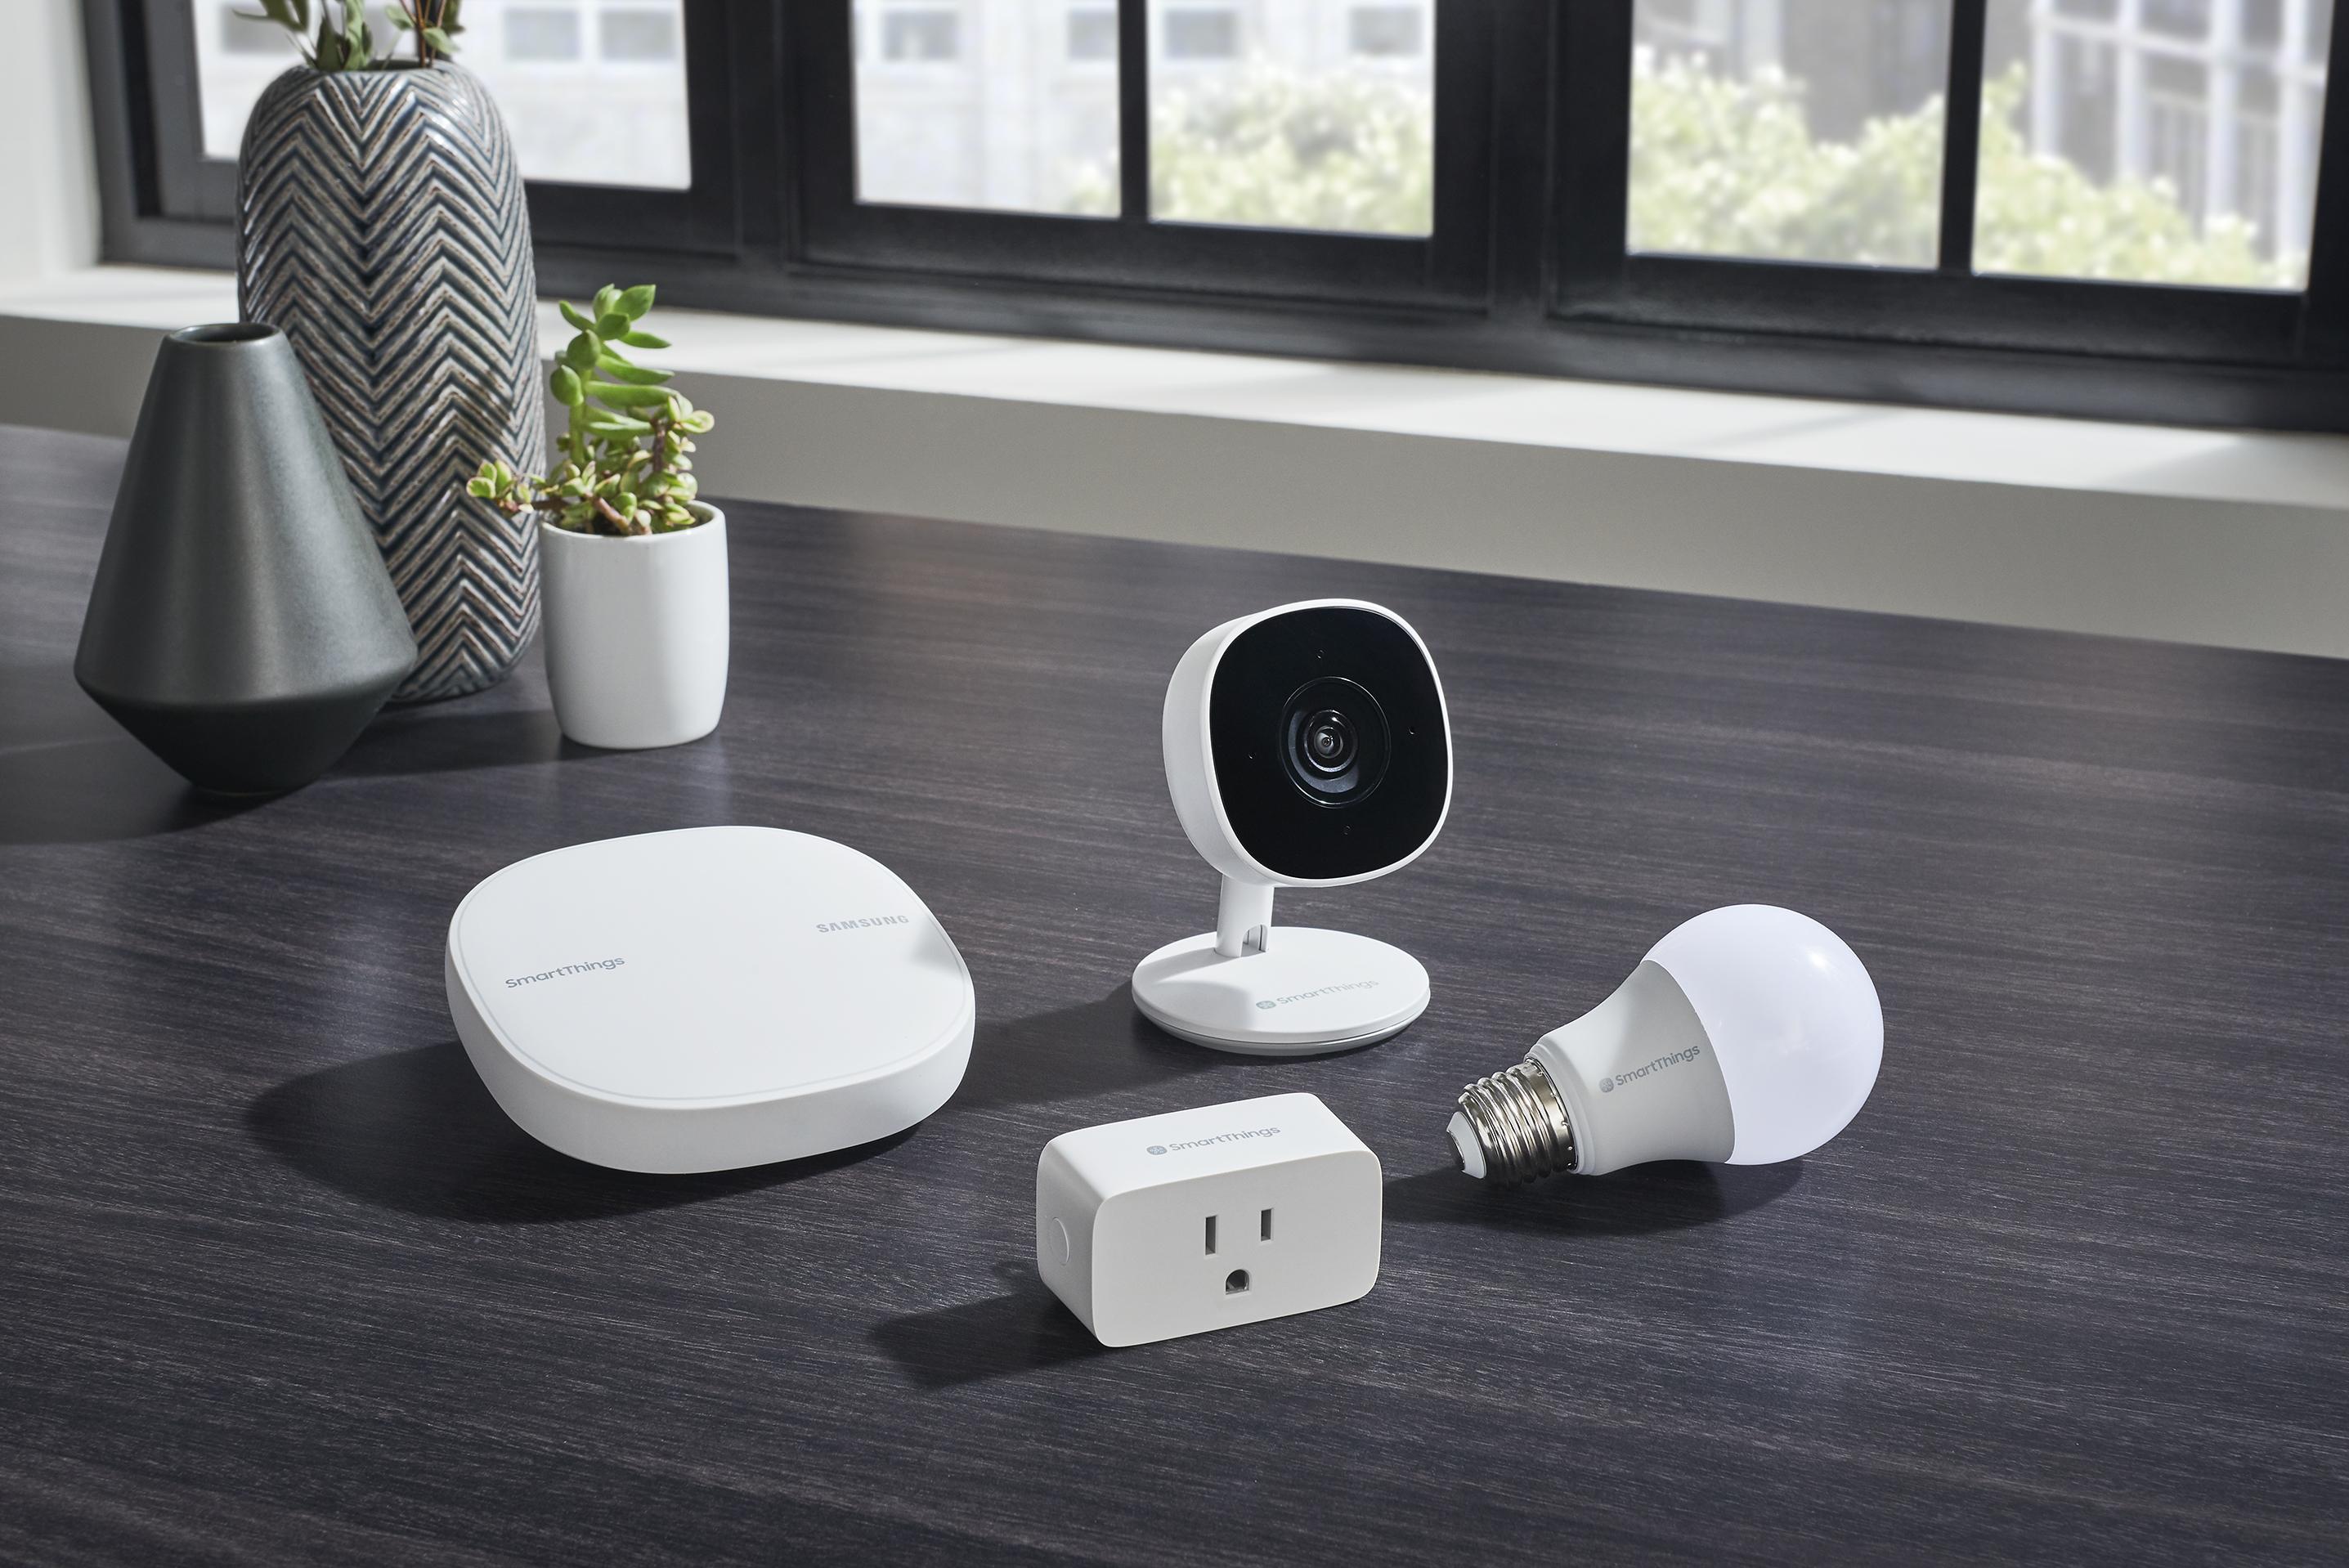 smartthings wifi cam plug bulb nocord 002 758x506 - Samsung's SmartThings Cam doesn't require a SmartThings hub